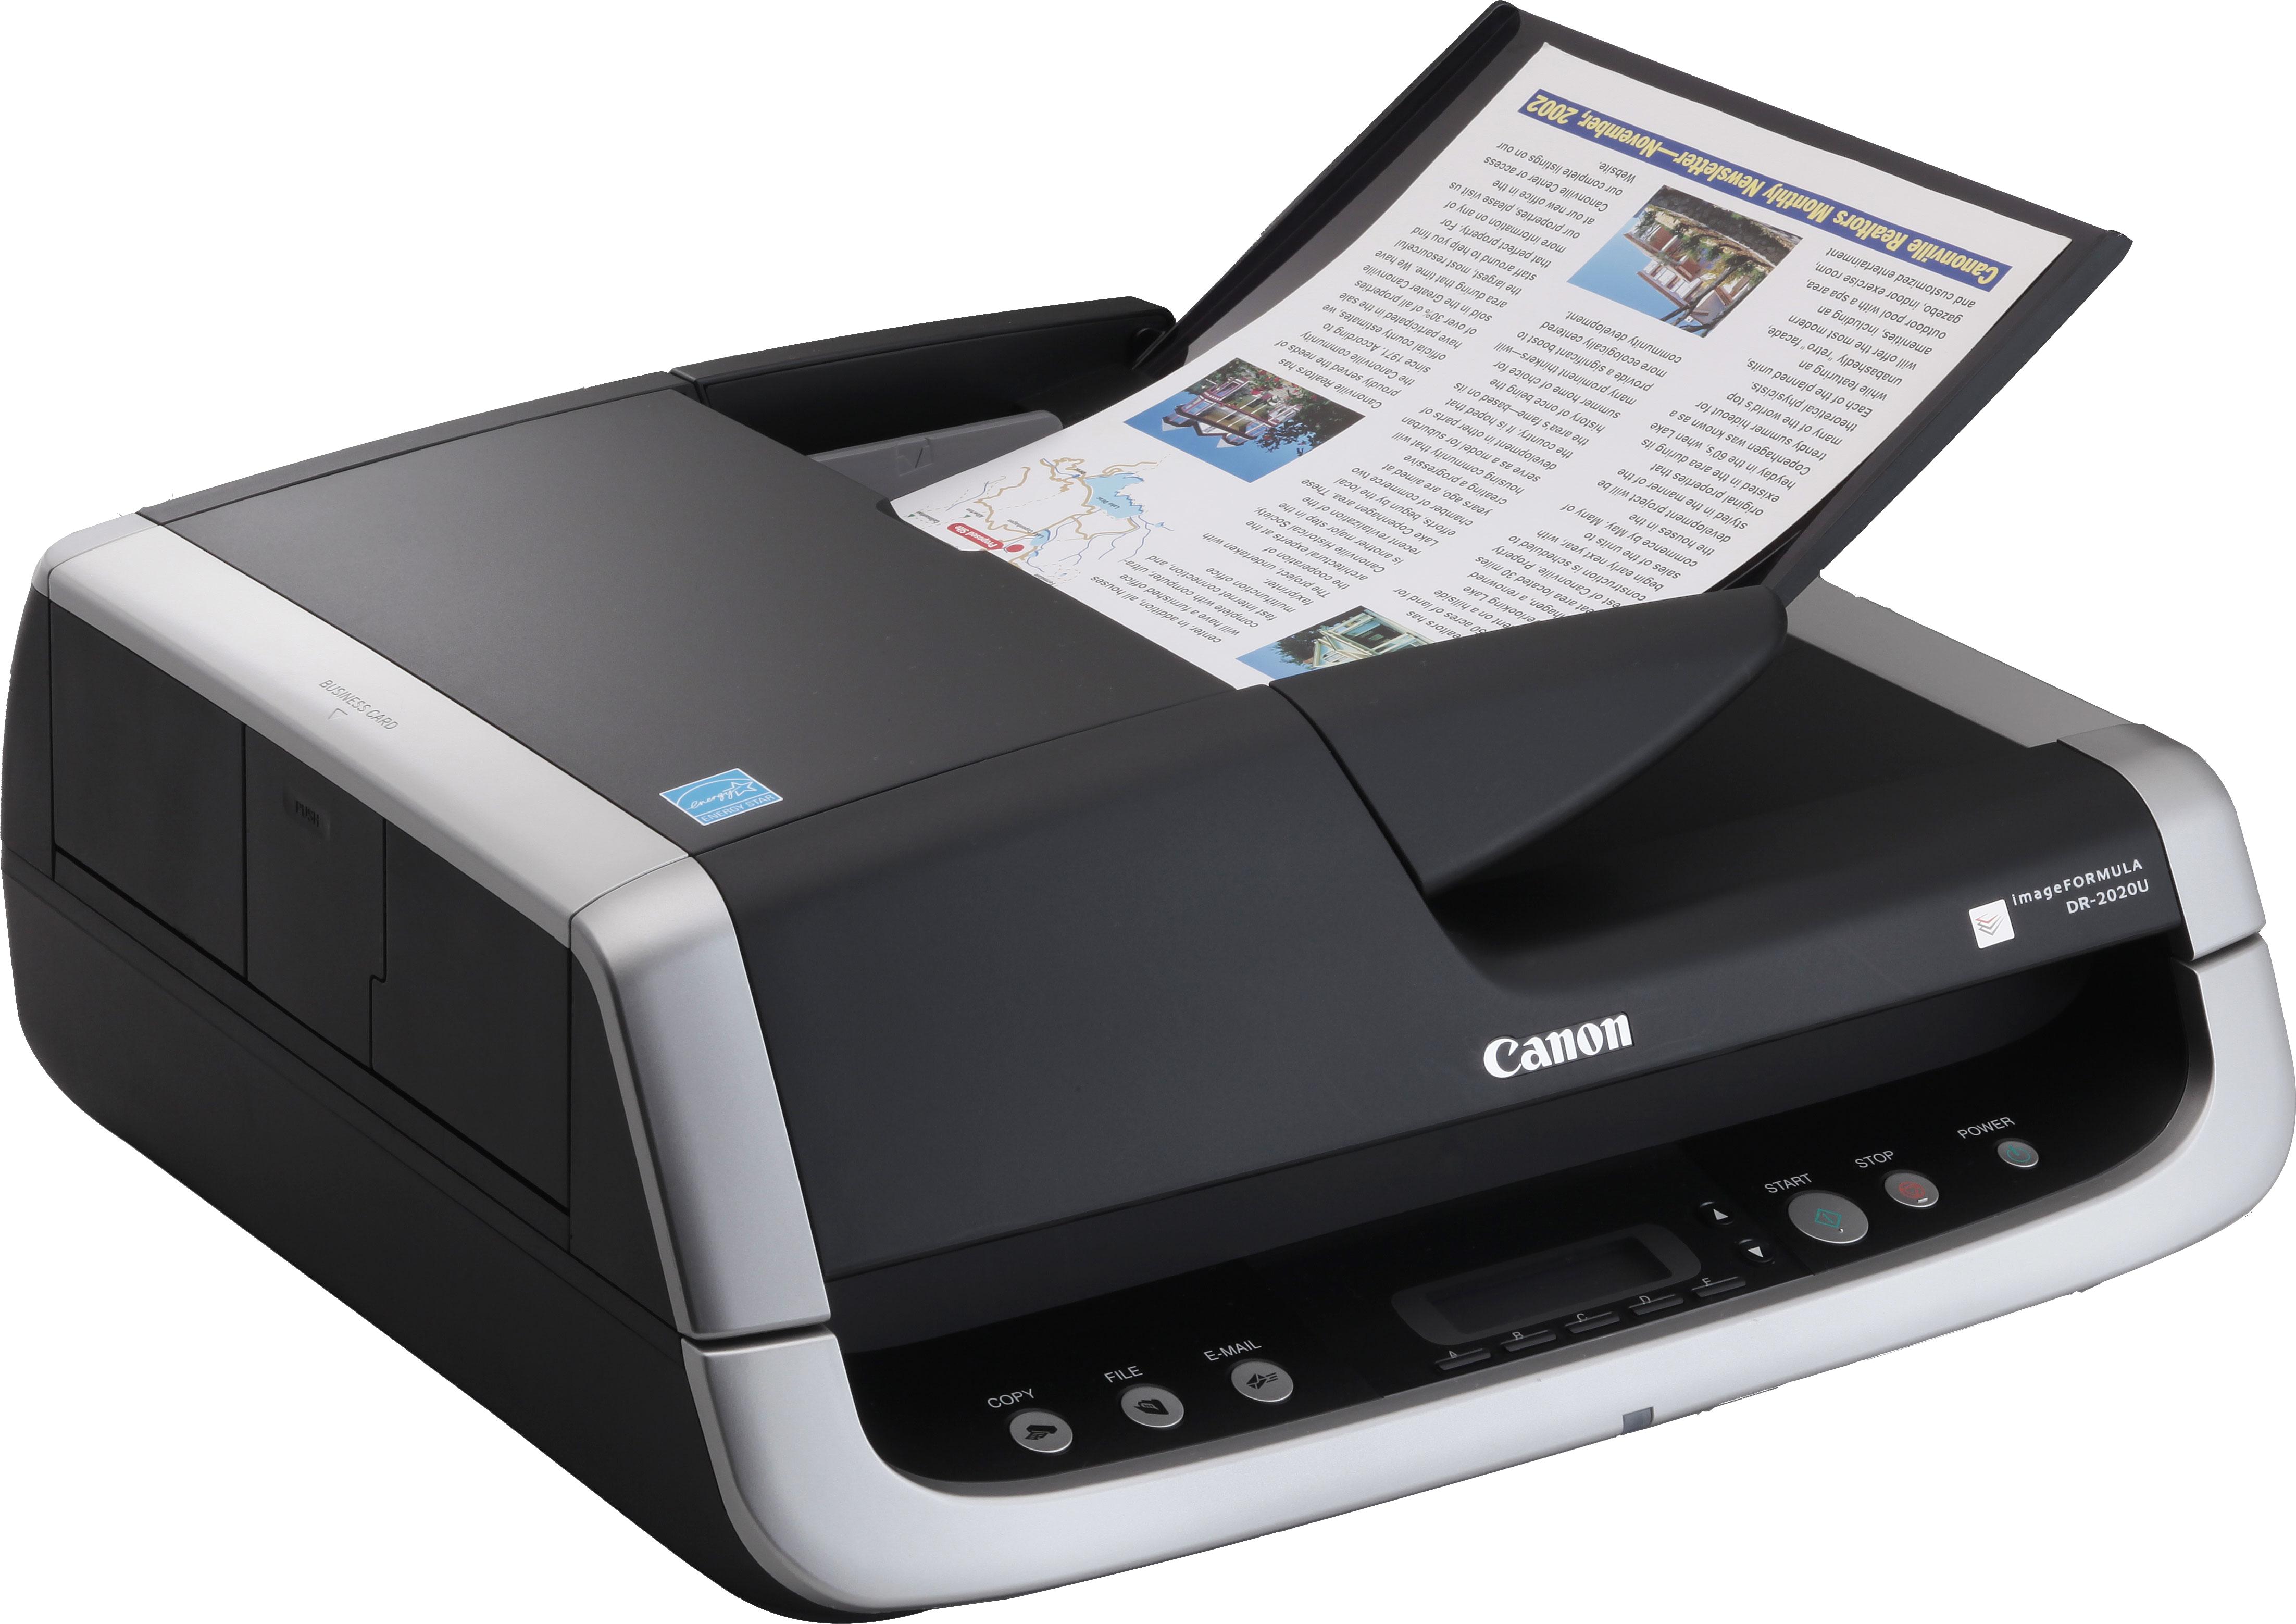 Scanner PNG image - Scanner HD PNG